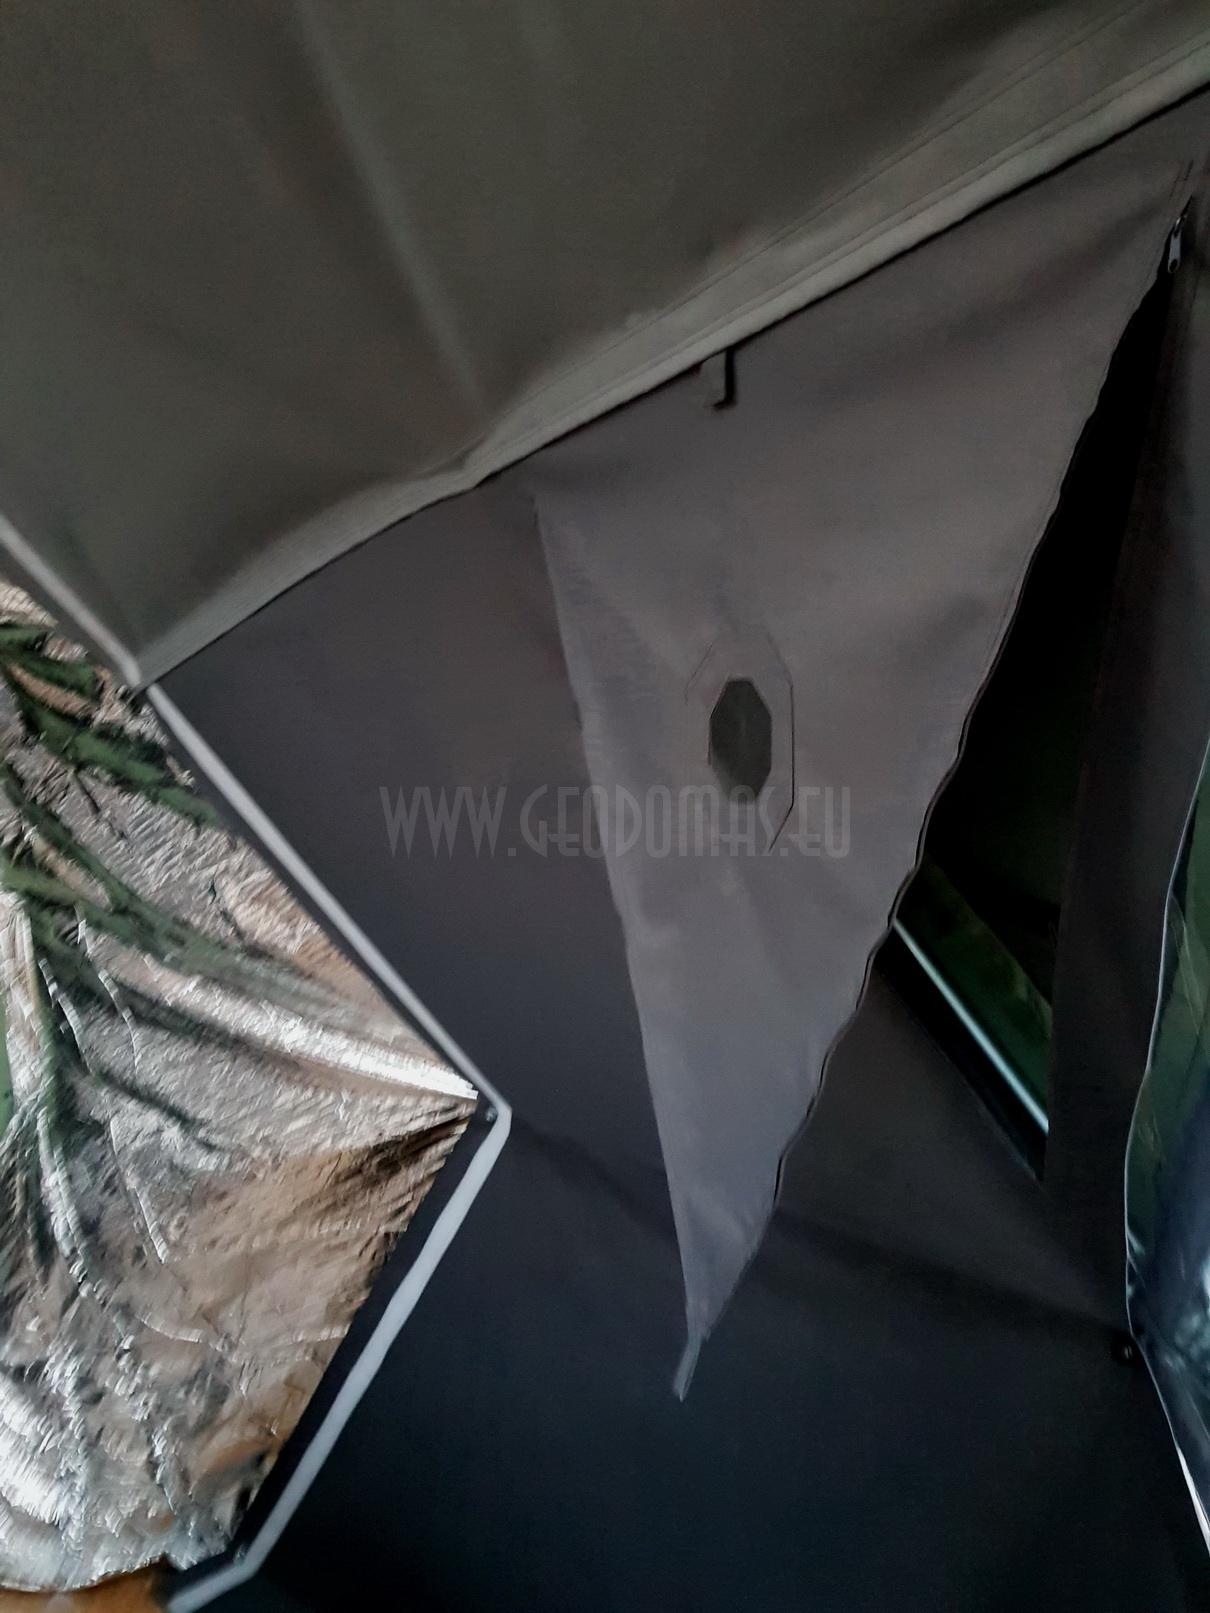 25m2 Ø5m F3 Глэмпинг купол | Польша, Ольштын